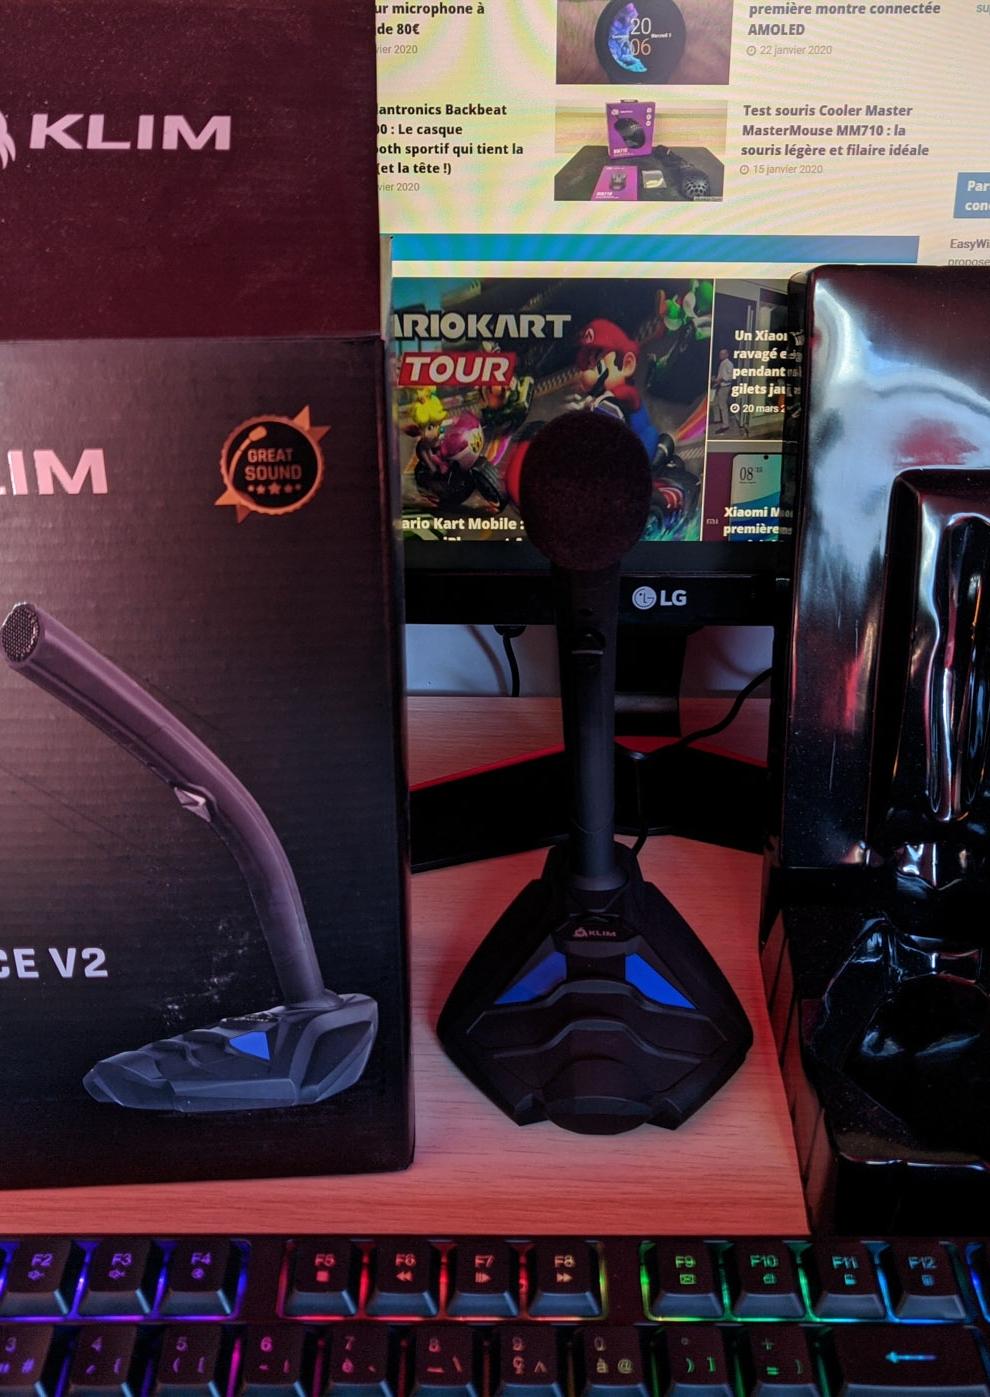 KLIM Voice V2